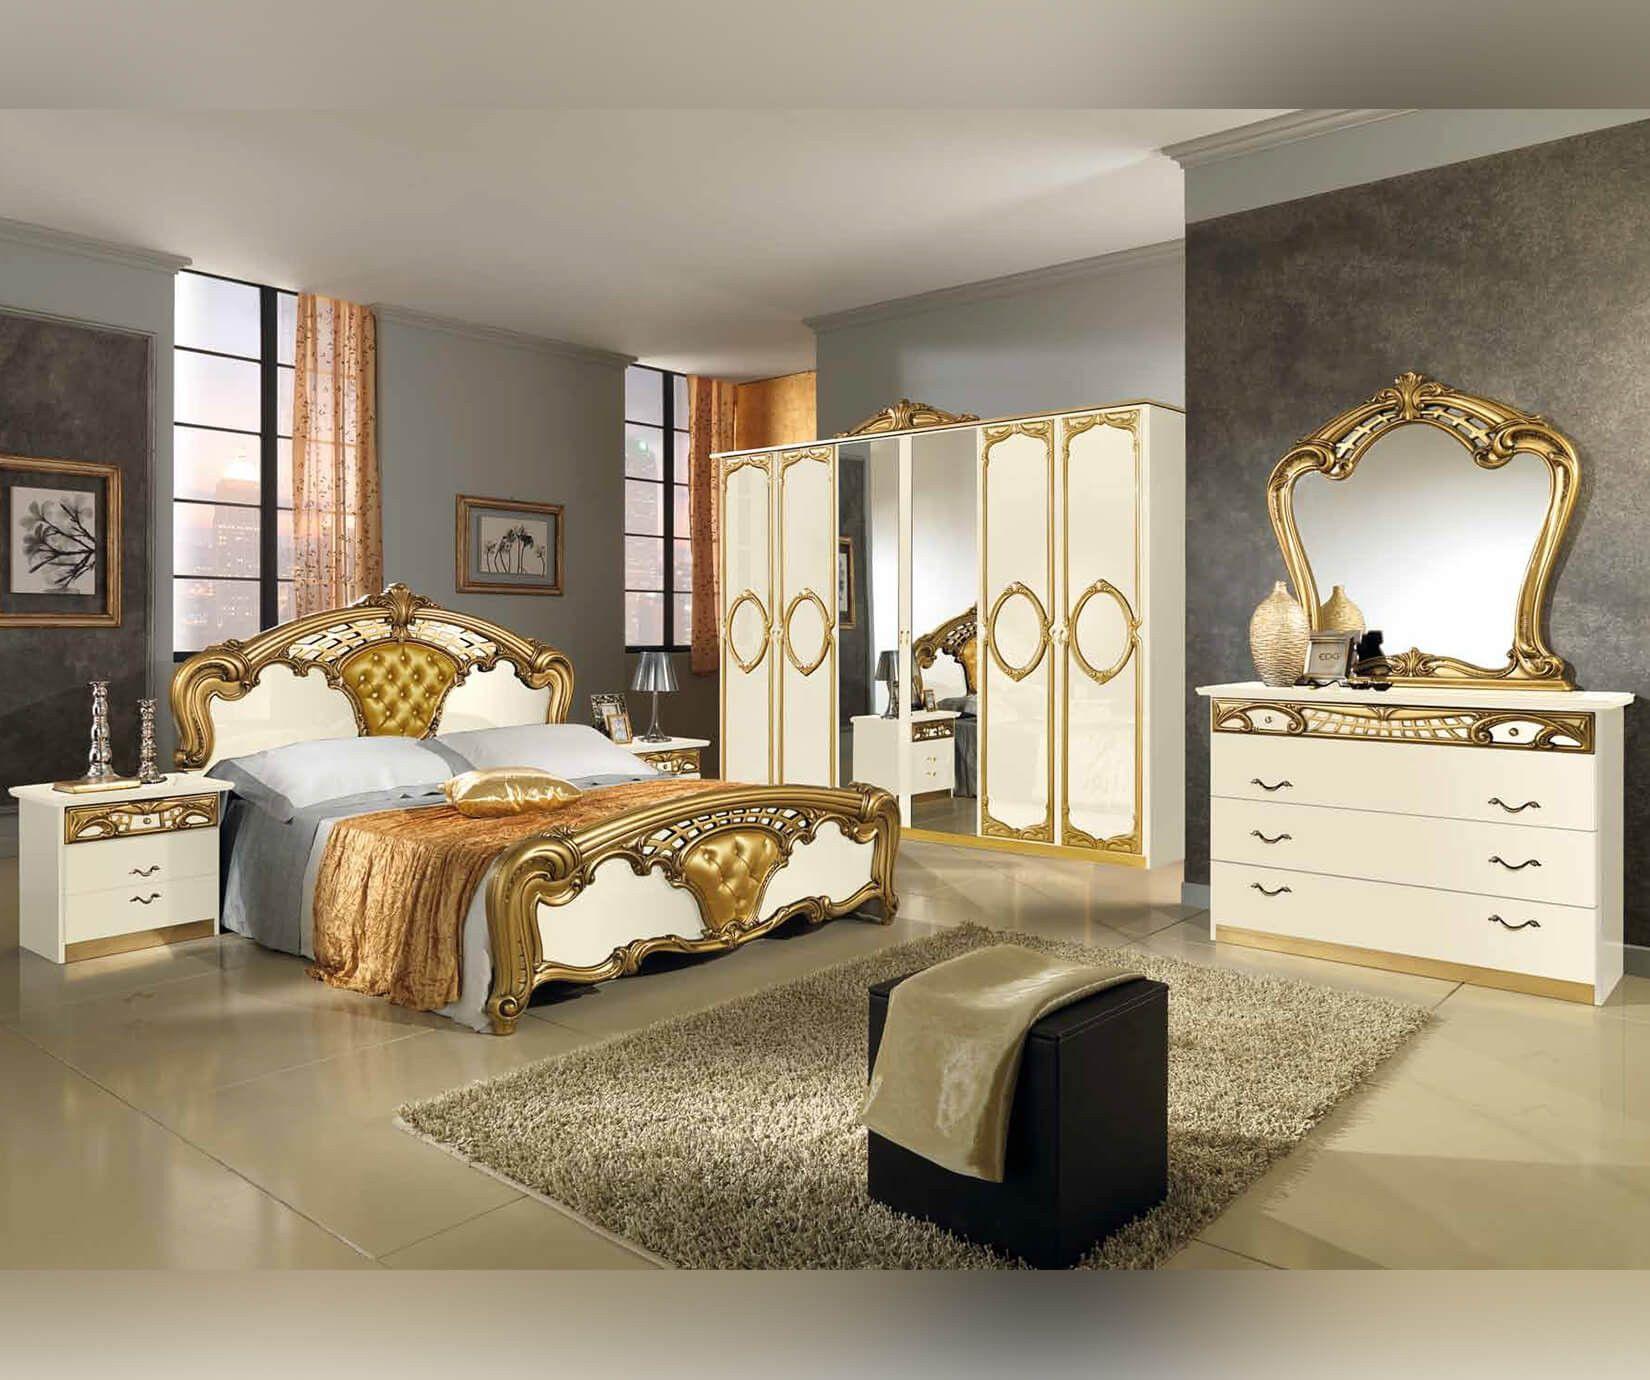 Italienische Schlafzimmer Set Luxusschlafzimmer Schlafzimmer